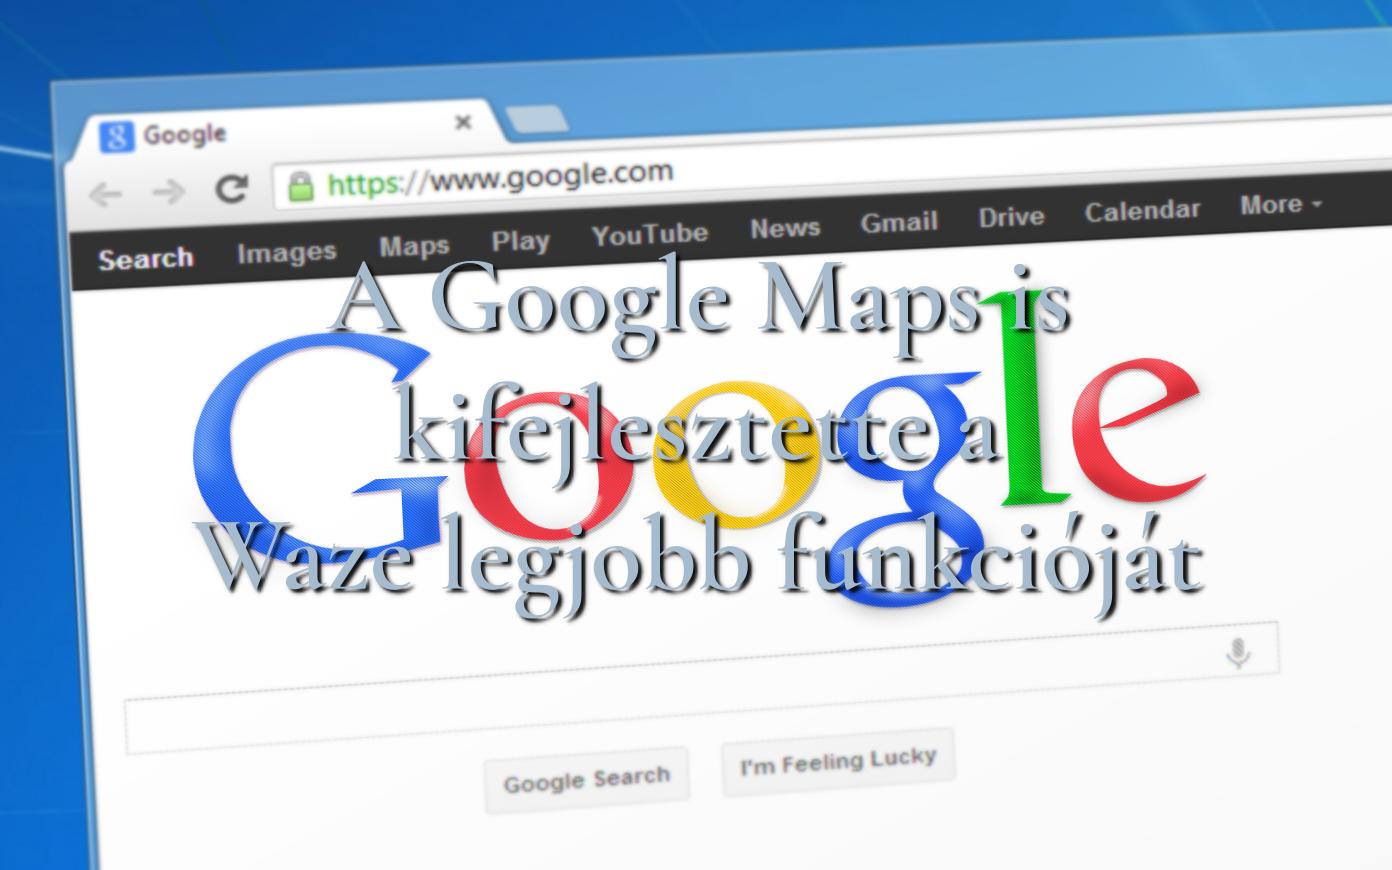 A Google Maps is kifejlesztette a Waze legjobb funkcióját